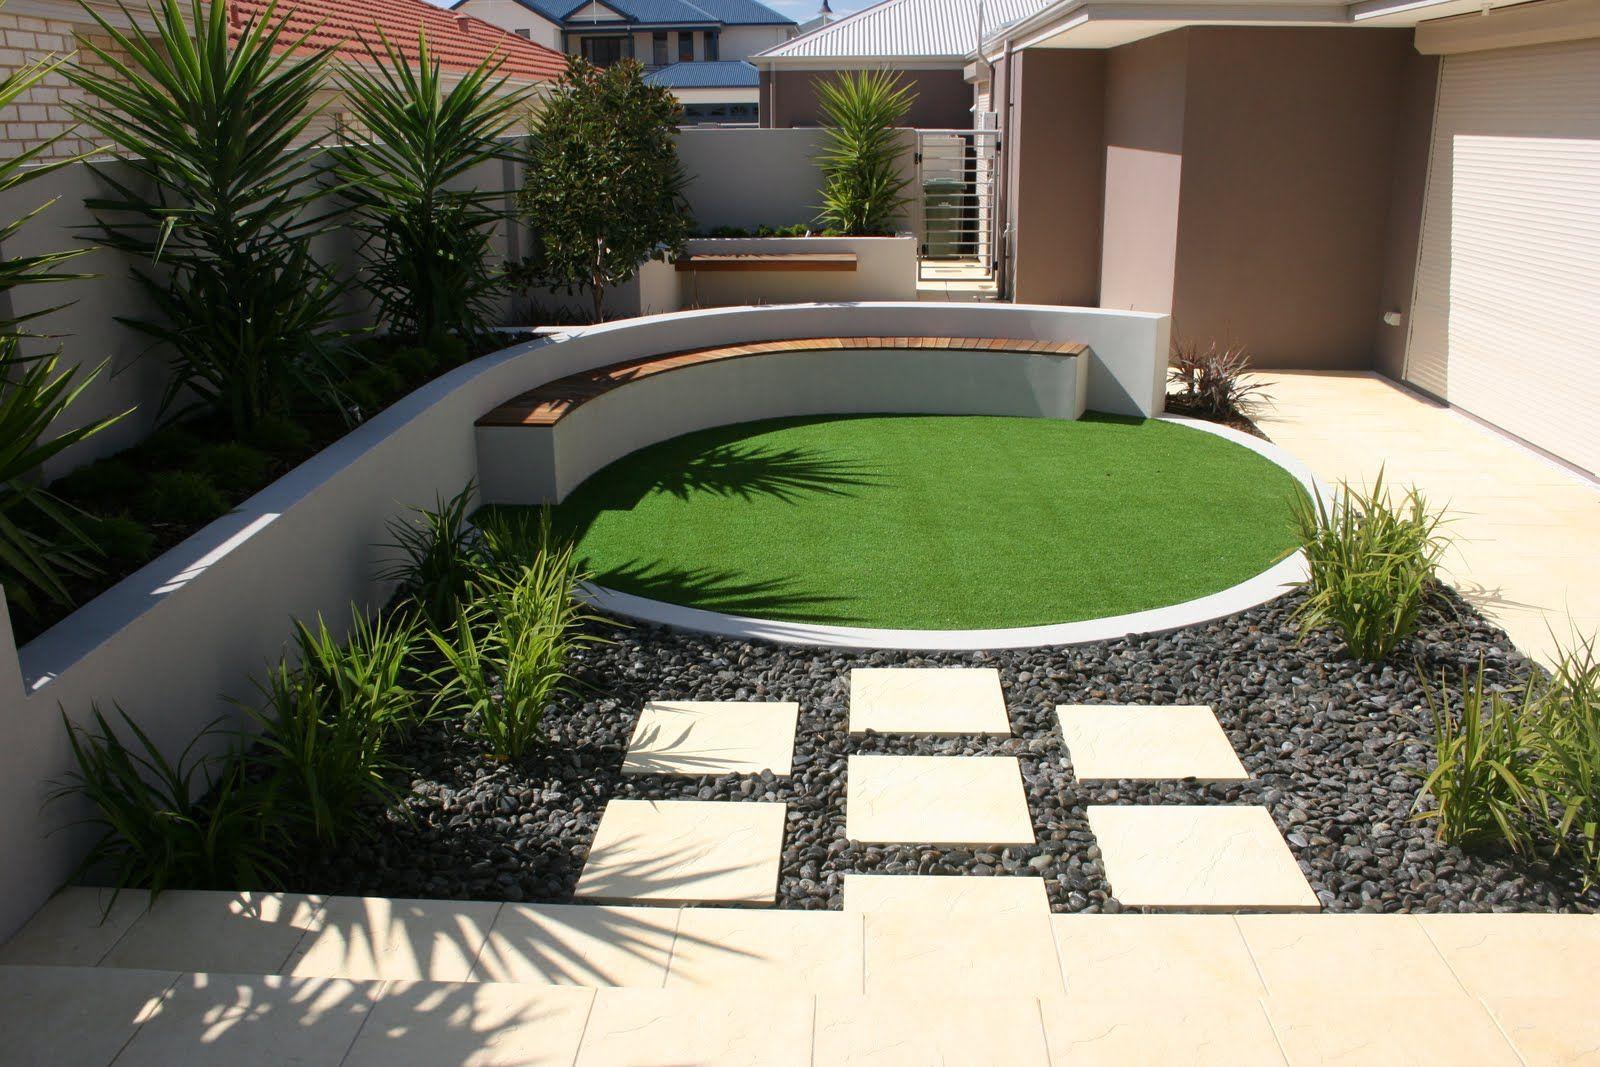 Peque o dise o de jardin con baldosas piedras decorativas for Setas decorativas para jardin